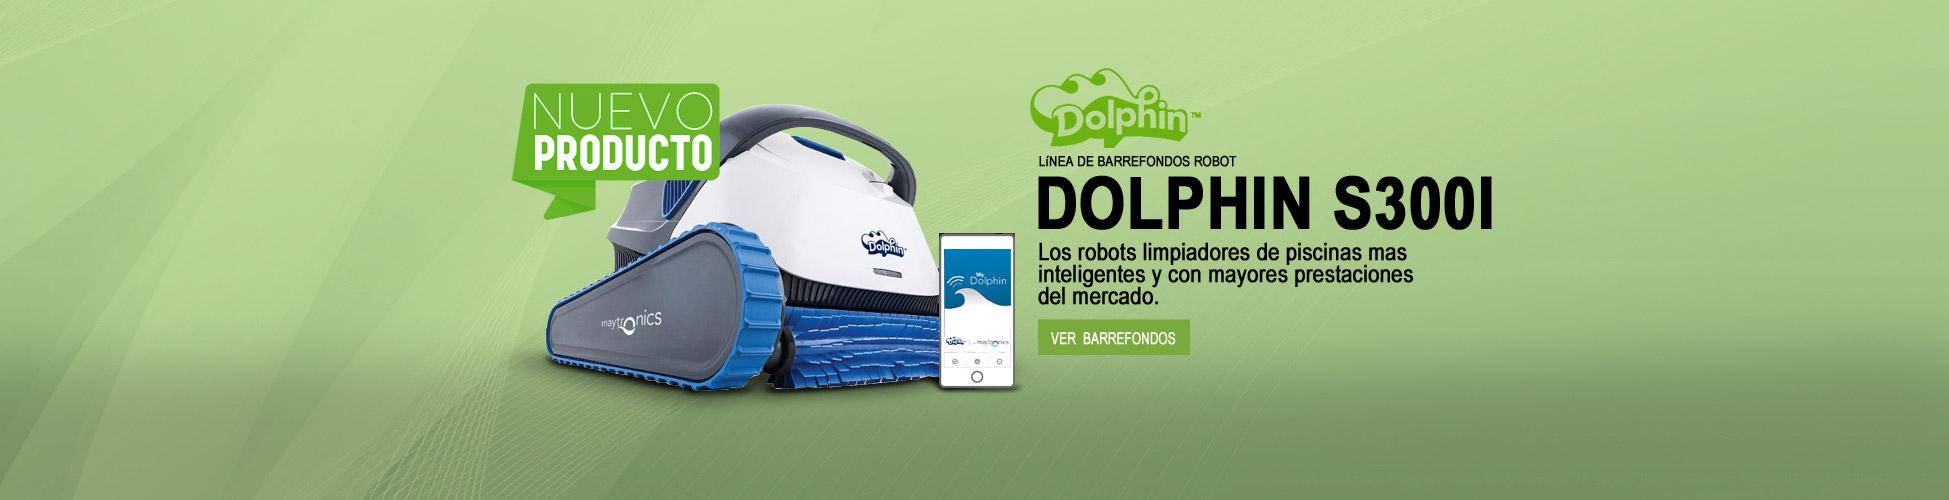 splash-dolphins300